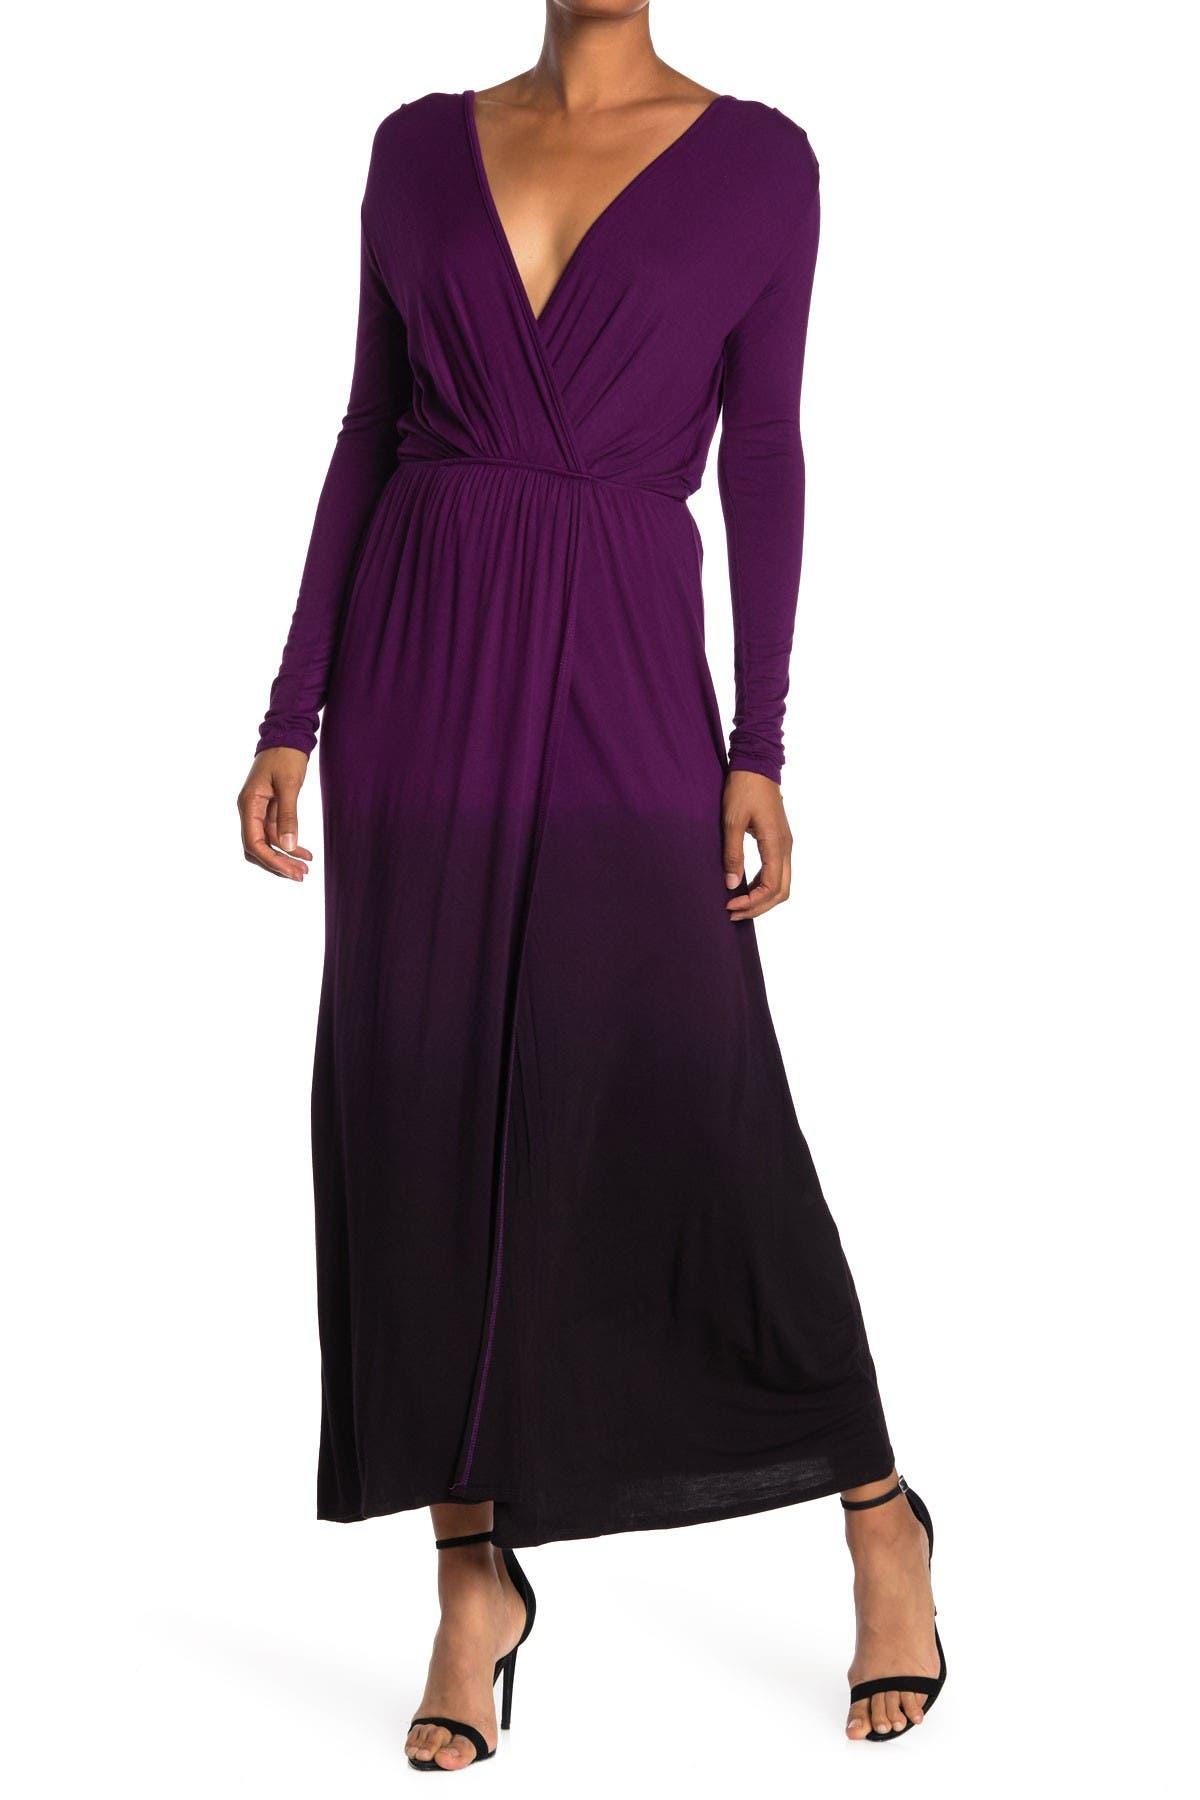 Image of Fraiche By J Tie-Dye Long Sleeve Maxi Dress